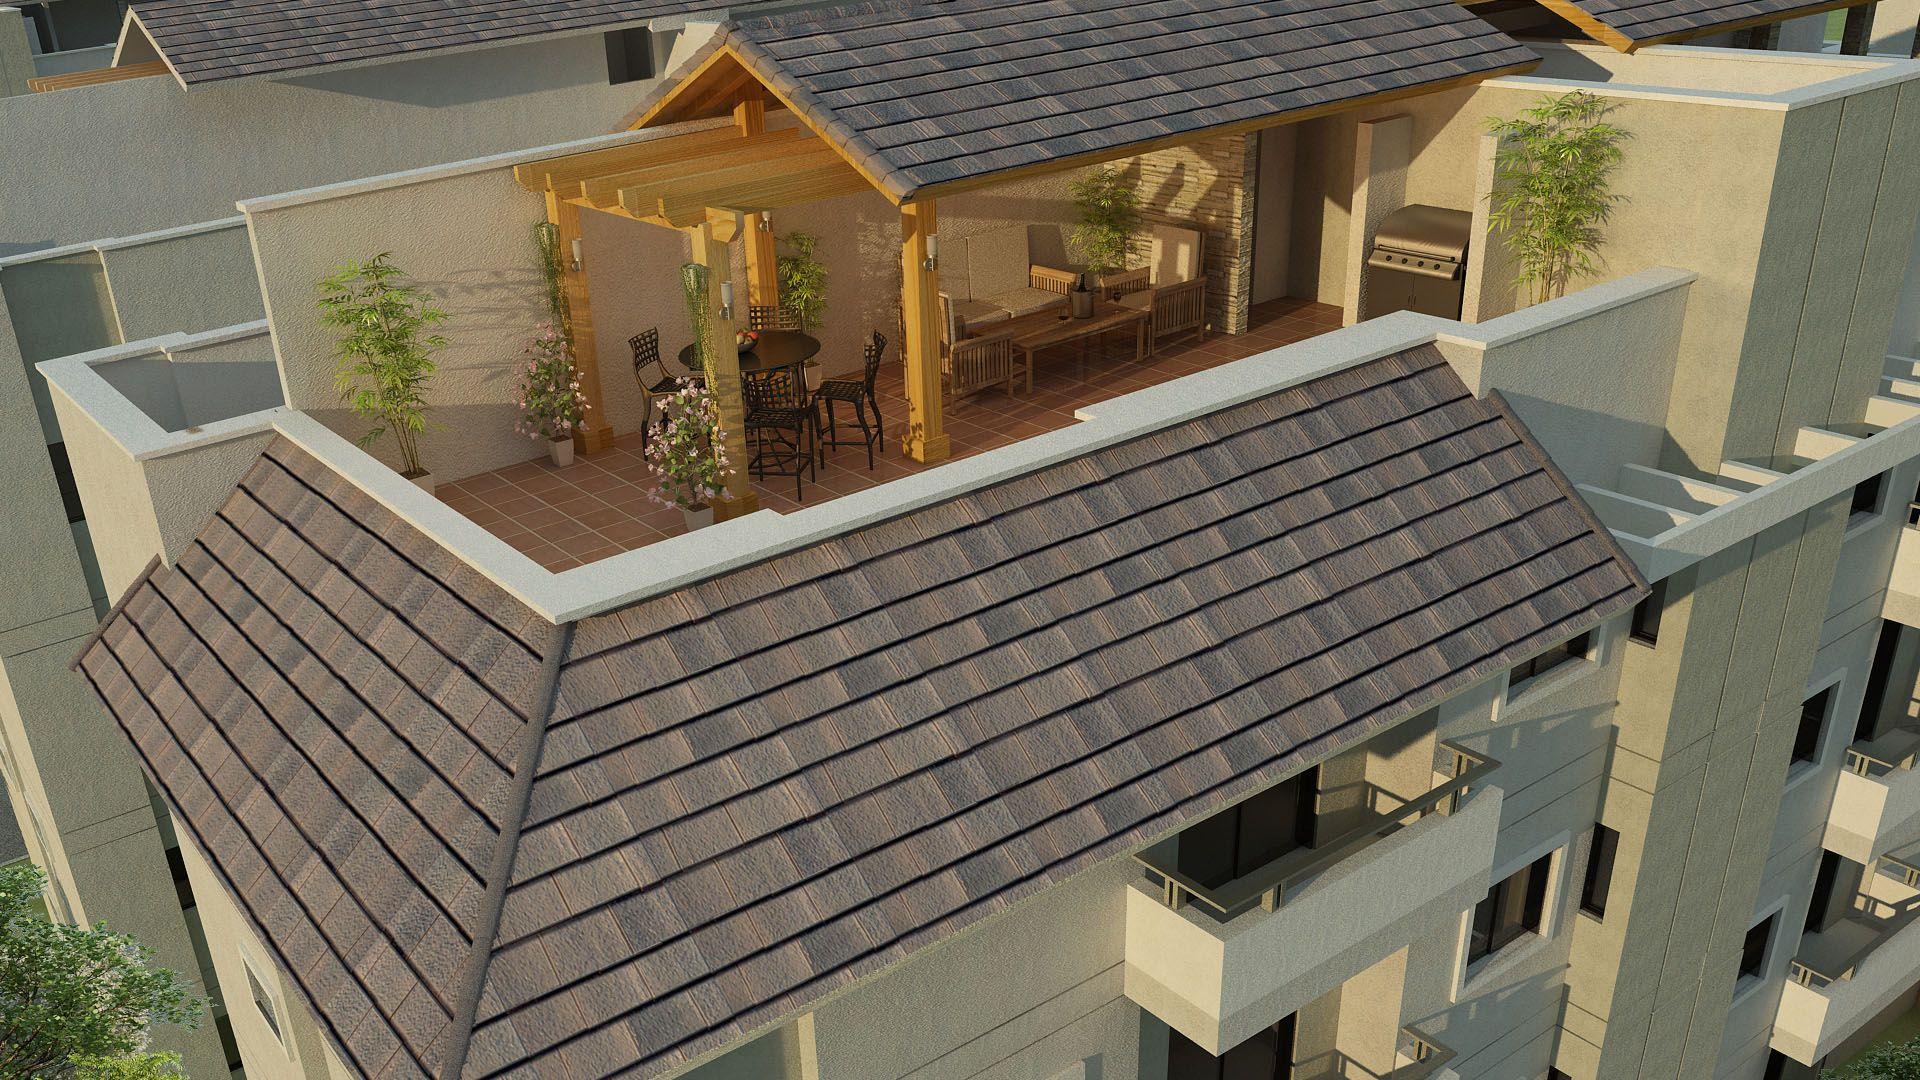 Azoteas terrazas buscar con google azoteas pinterest for Toldos para terrazas en azoteas